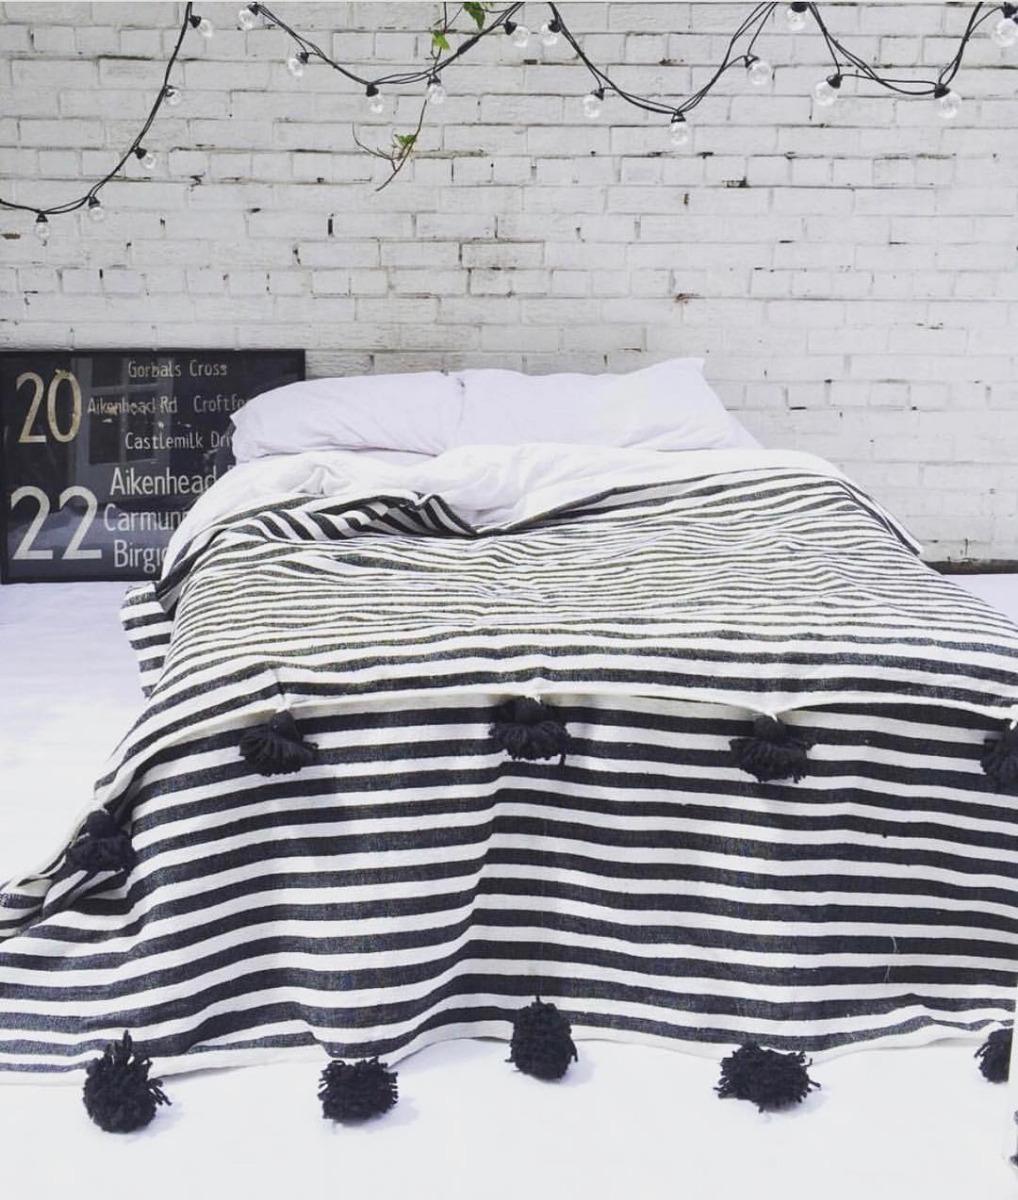 pom pom blanket in beautiful monochrome style